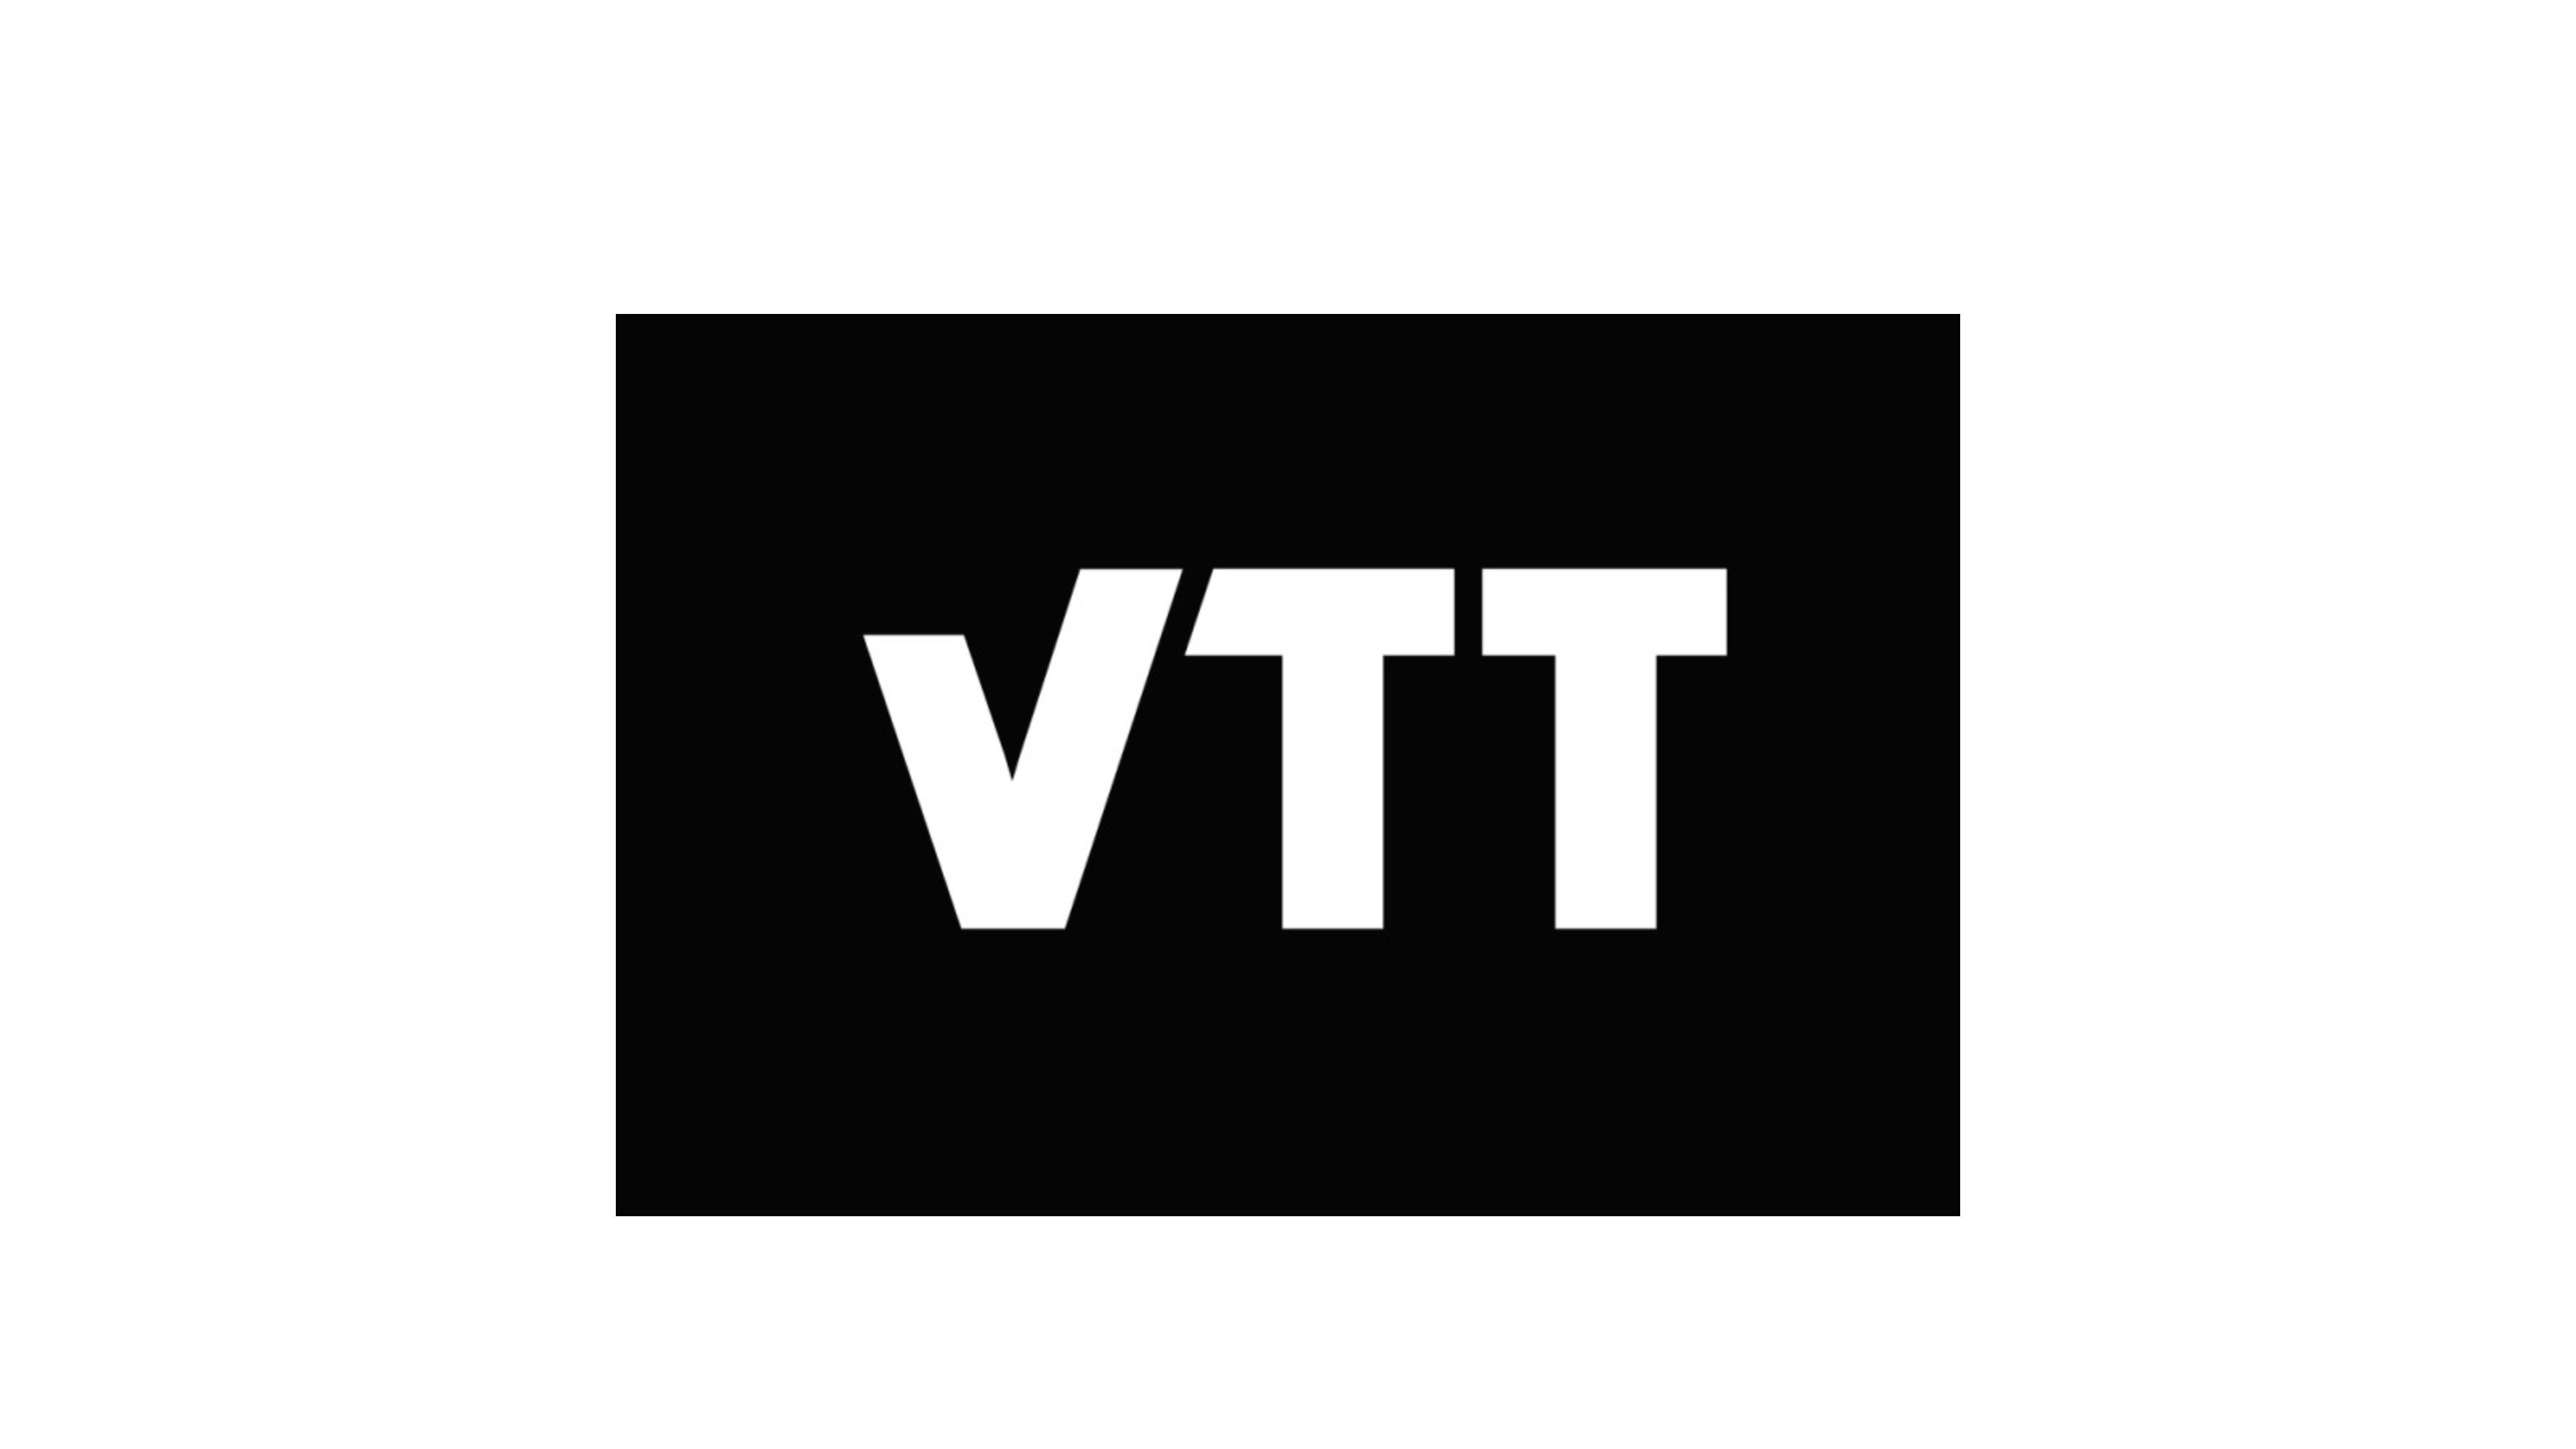 logo-VTT-2